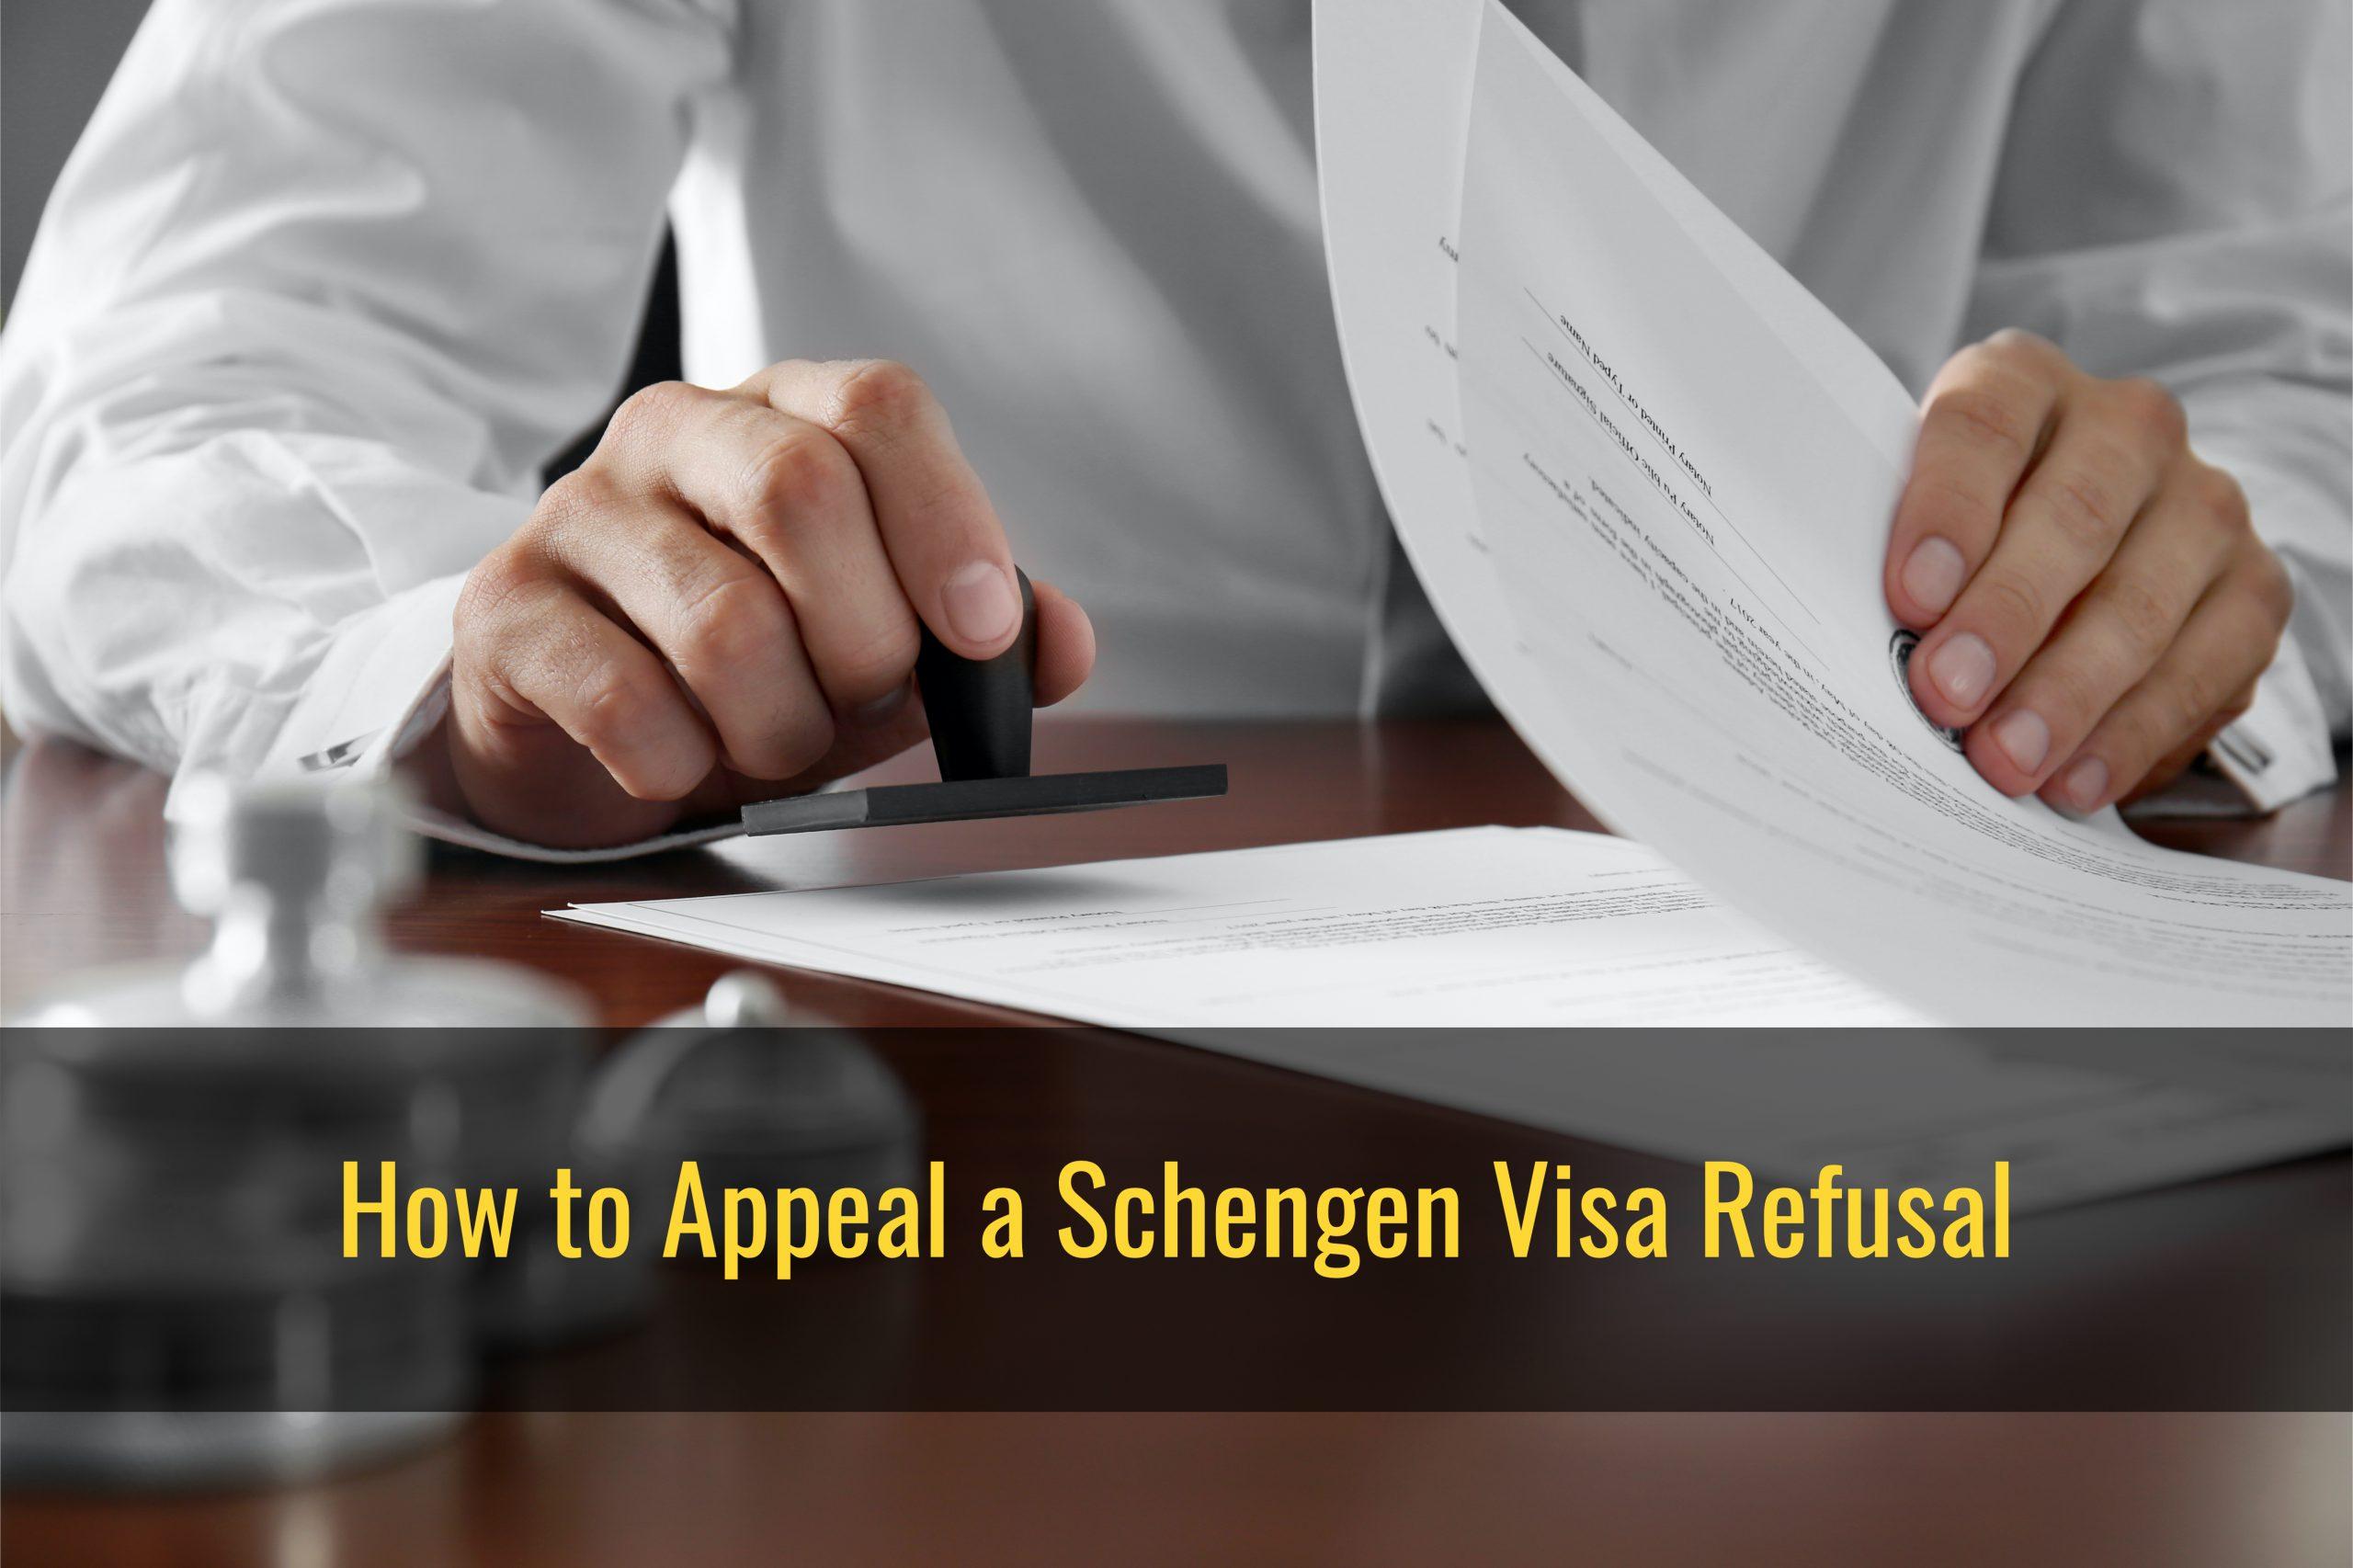 How to appeal a Schengen visa refusal